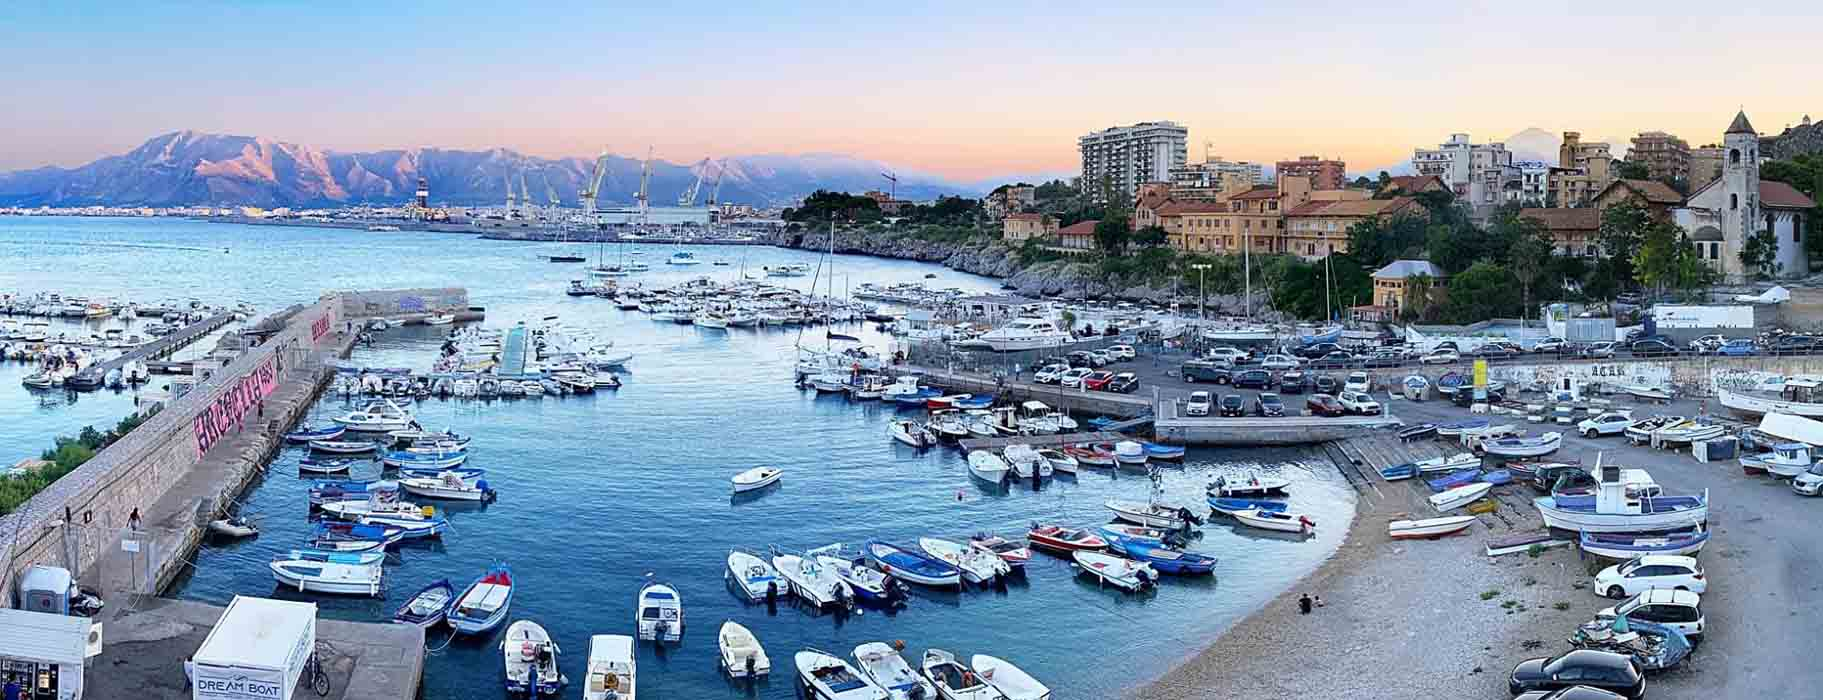 dream-boat-noleggio-barche-palermo